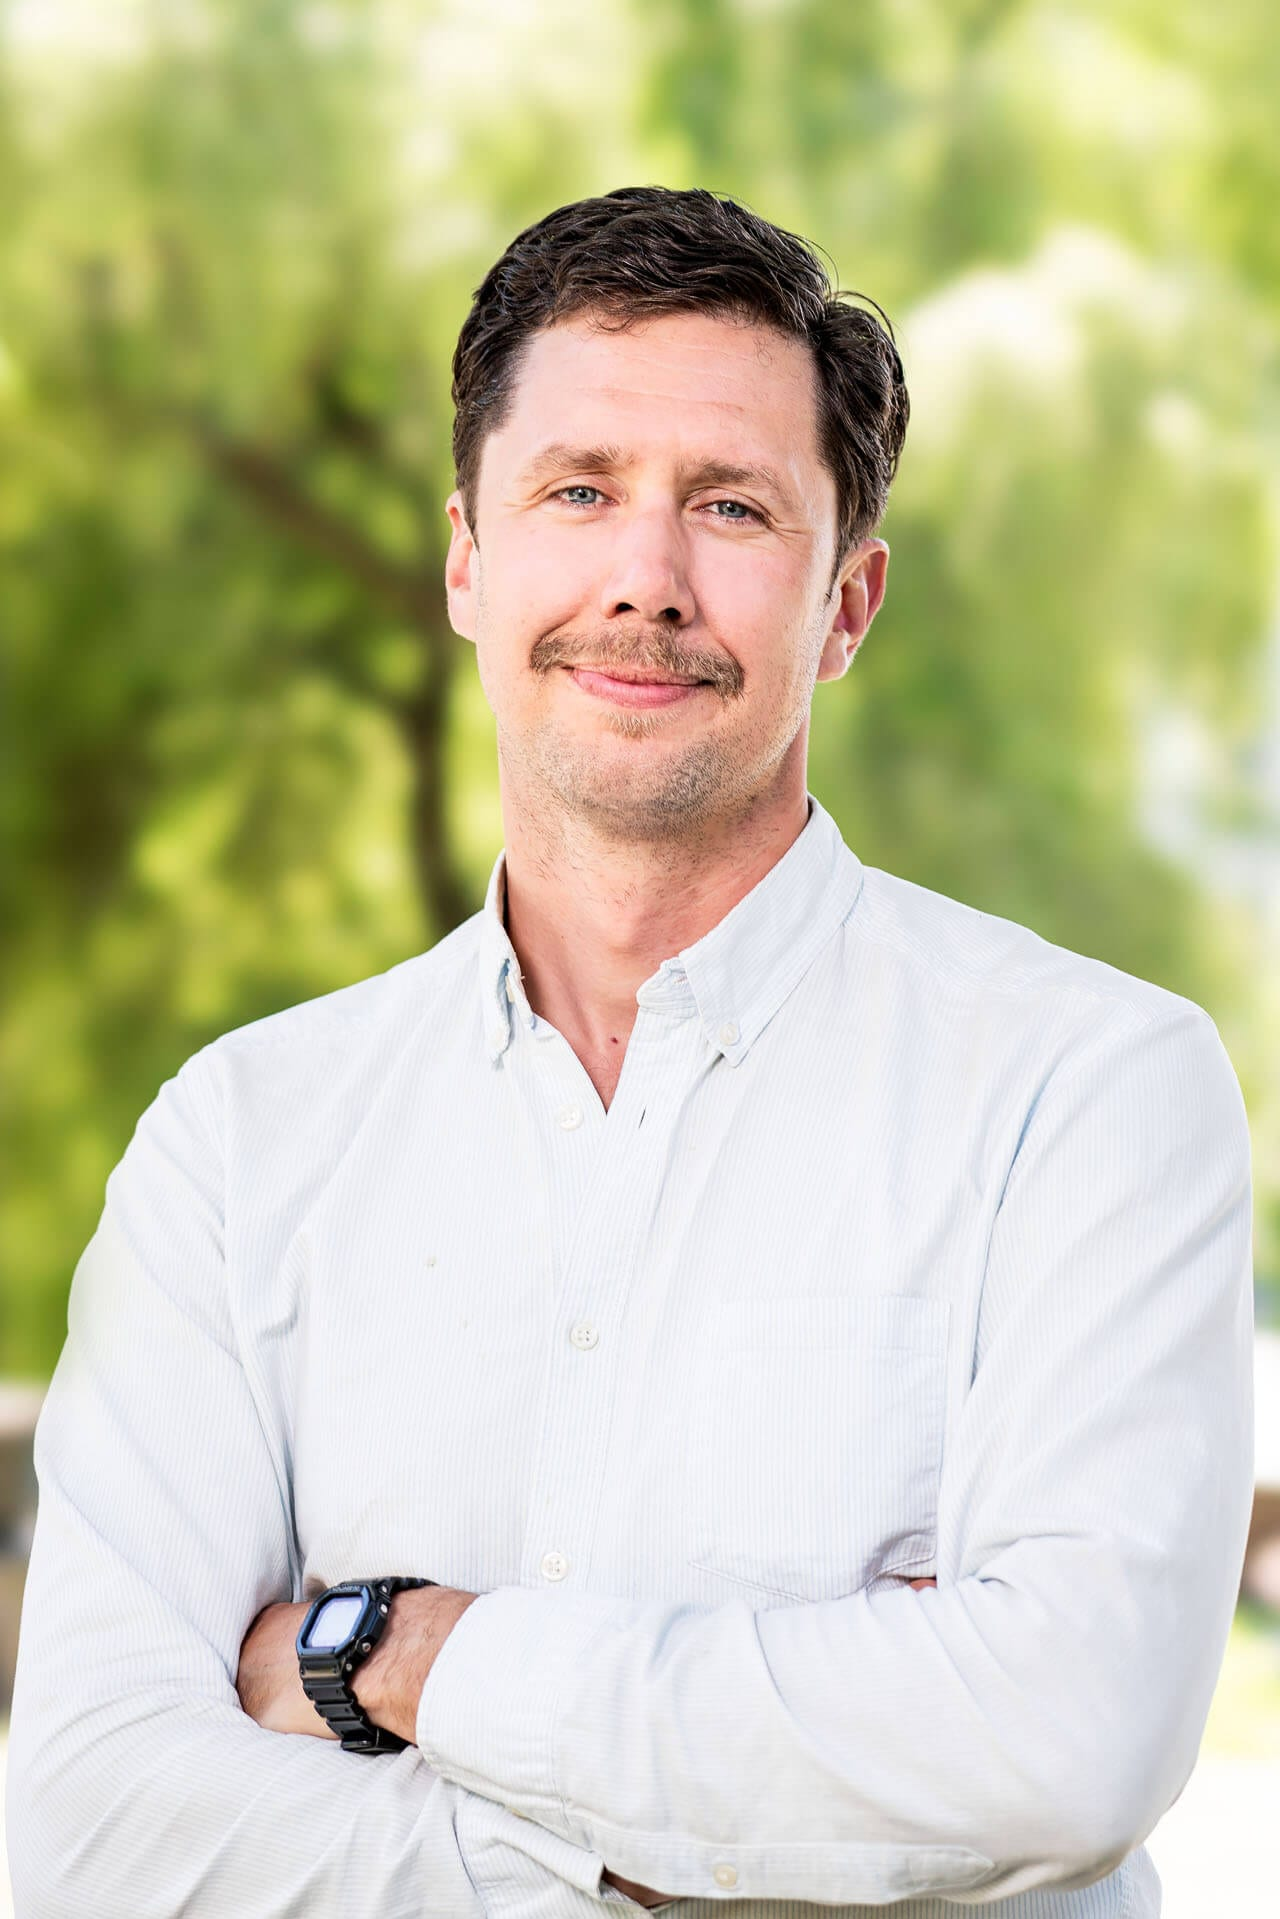 Christian Nützel